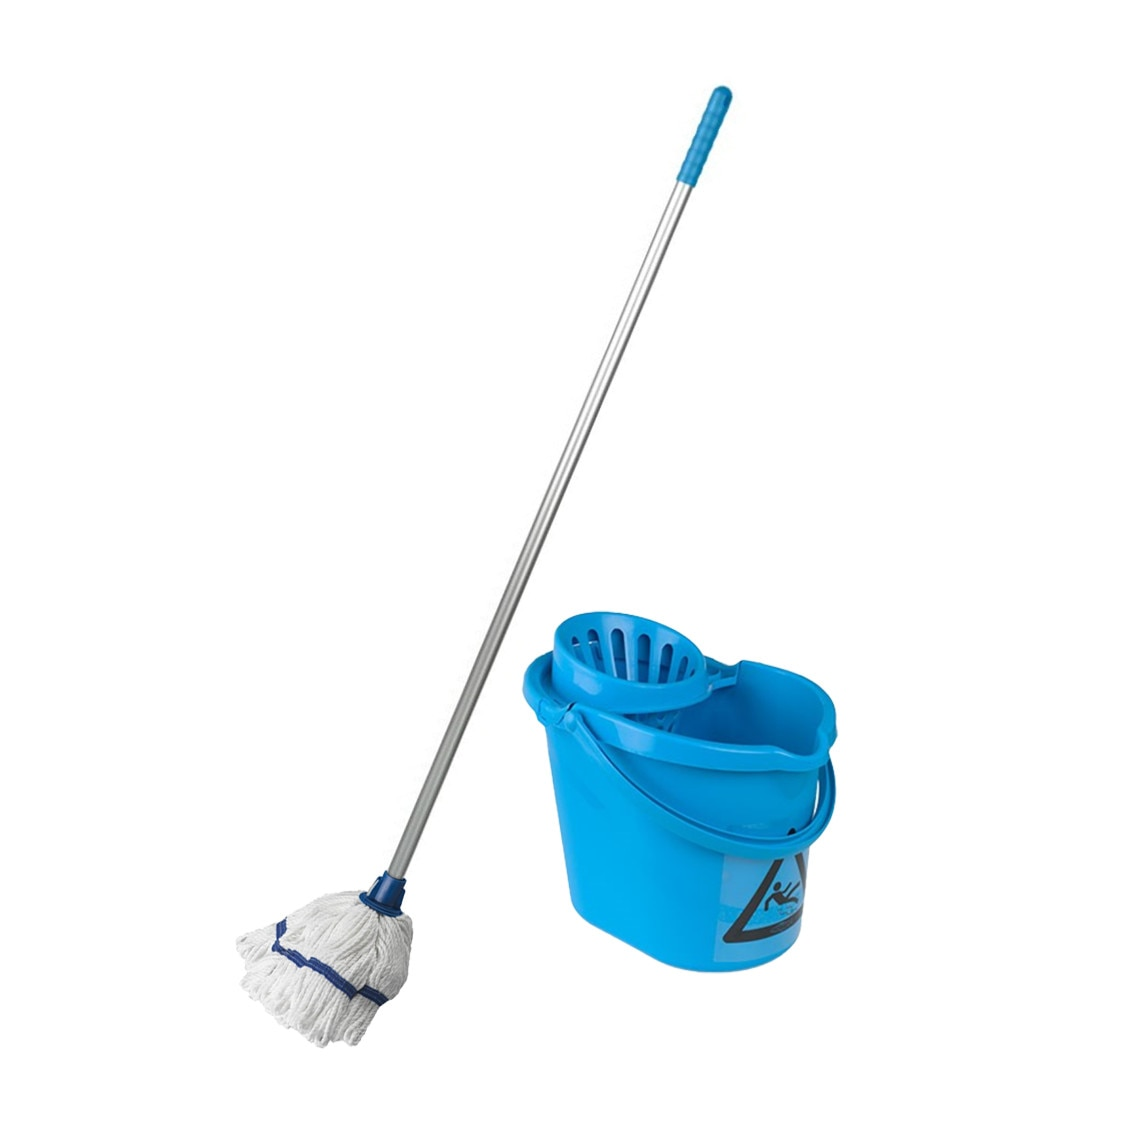 10 Curățenie ideas | curățenie, organizarea spălătoriei, sfaturi de curățenie